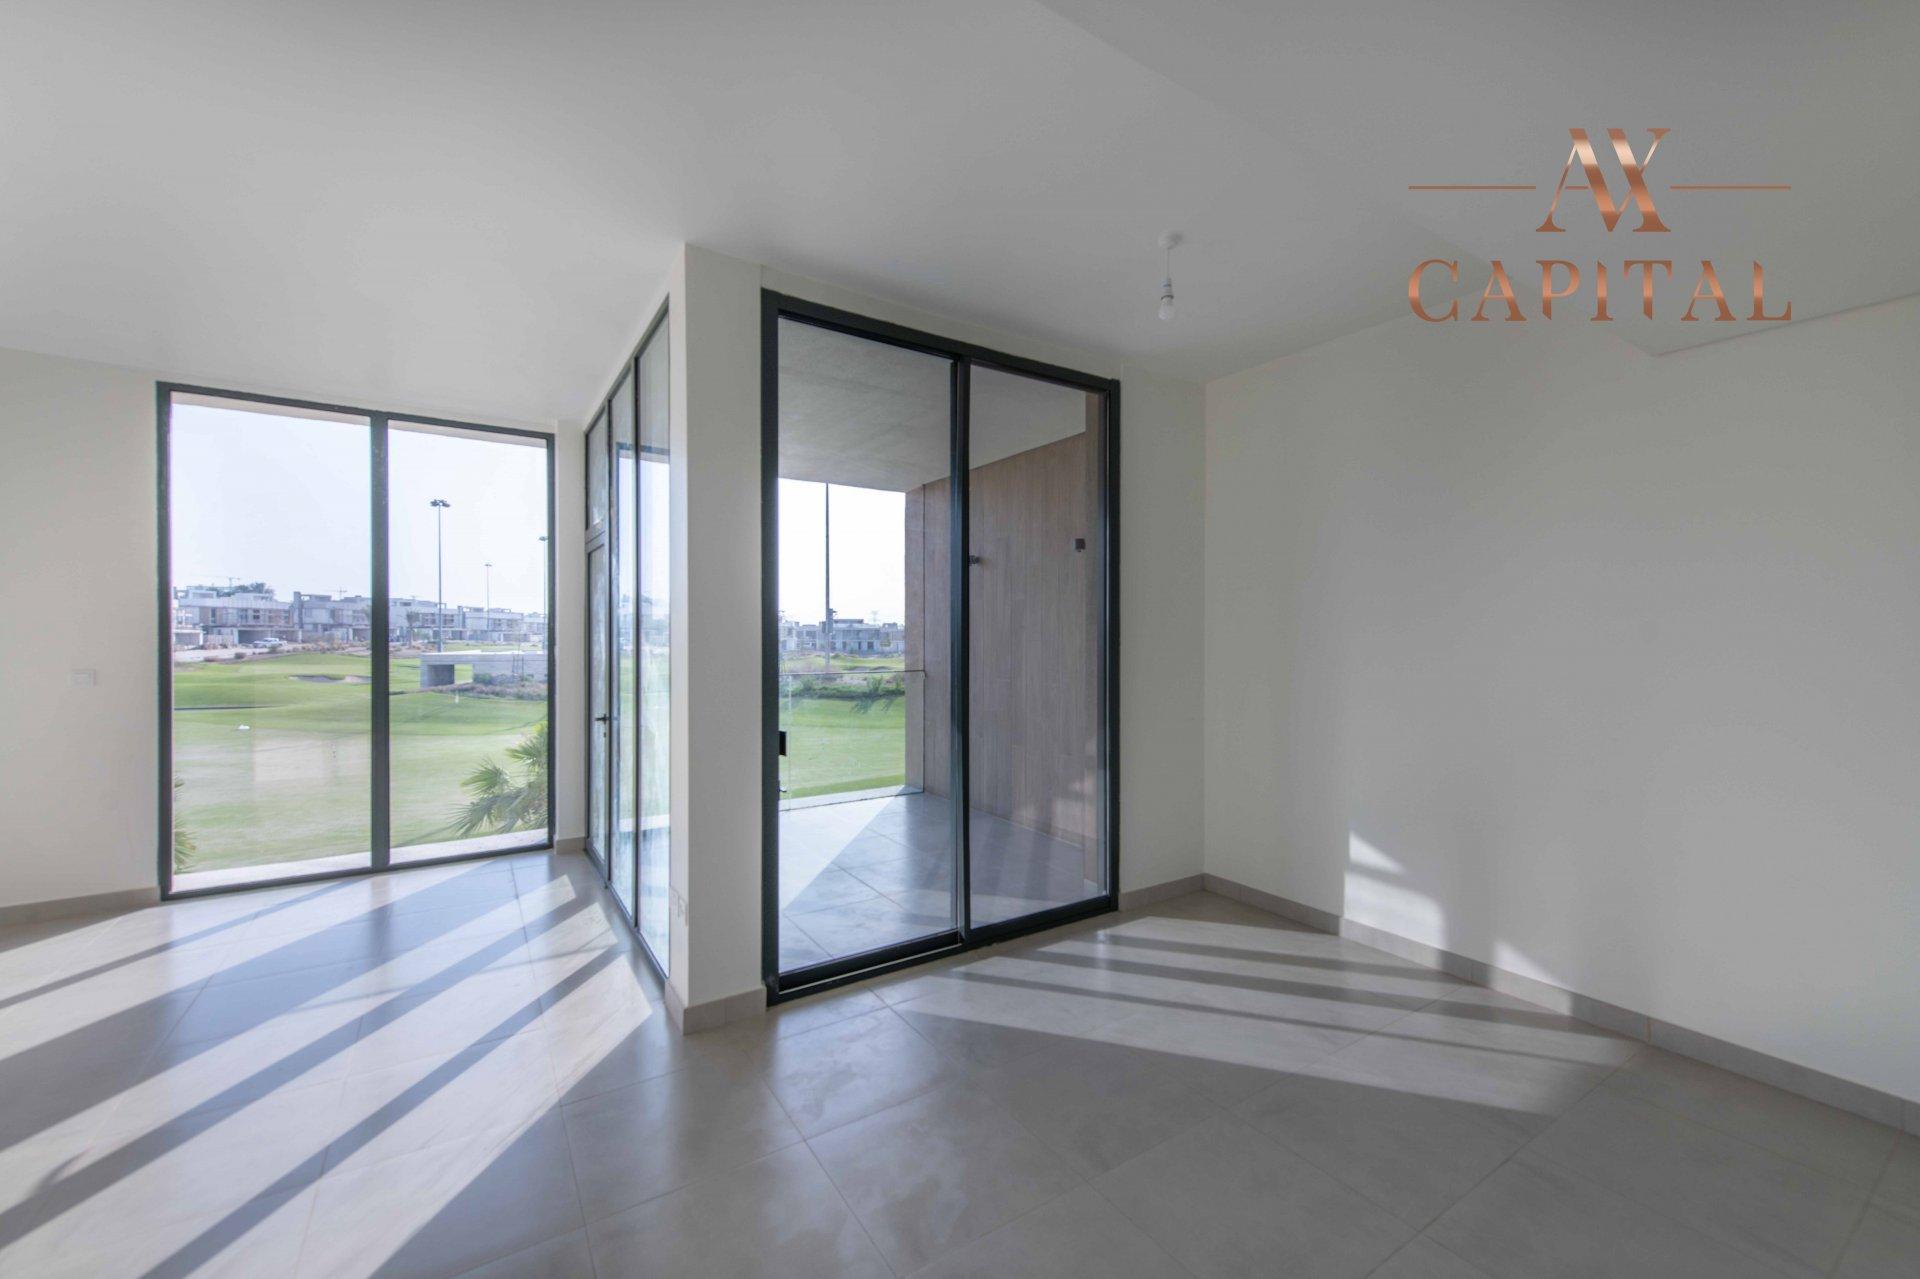 Villa for sale in Dubai, UAE, 3 bedrooms, 272.4 m2, No. 23561 – photo 1